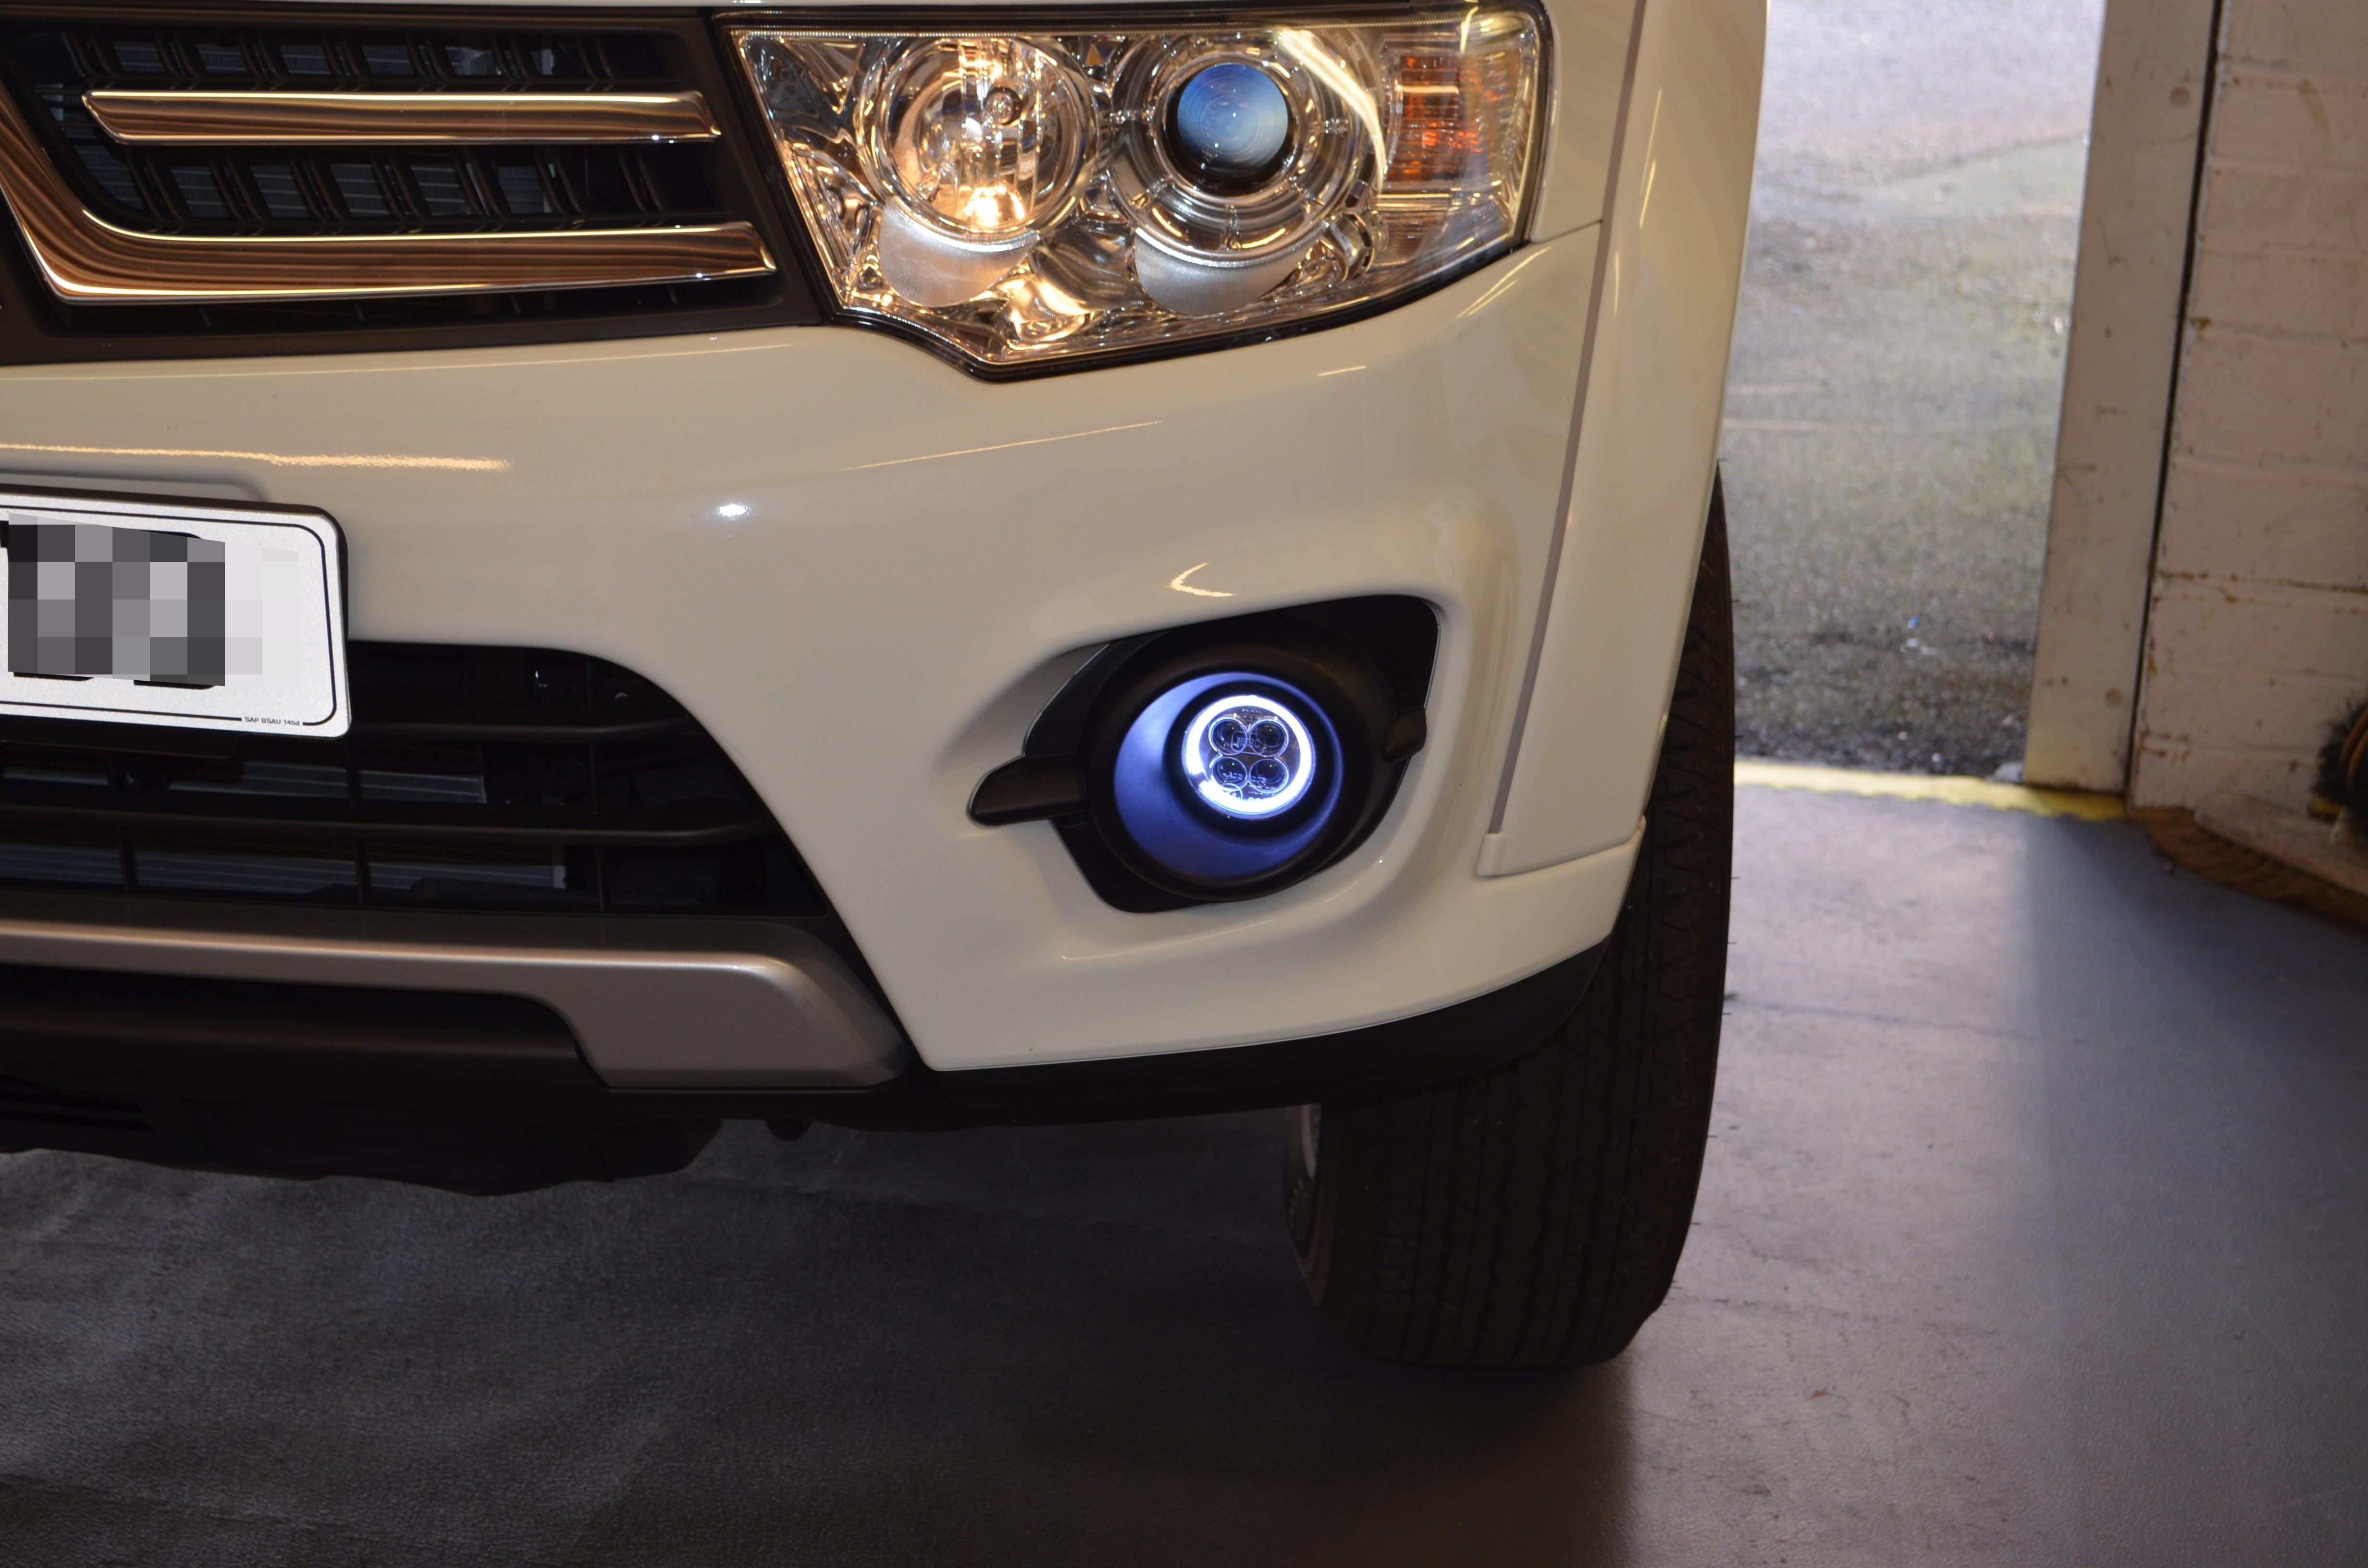 2015 Mitsubishi L200 with DRLs